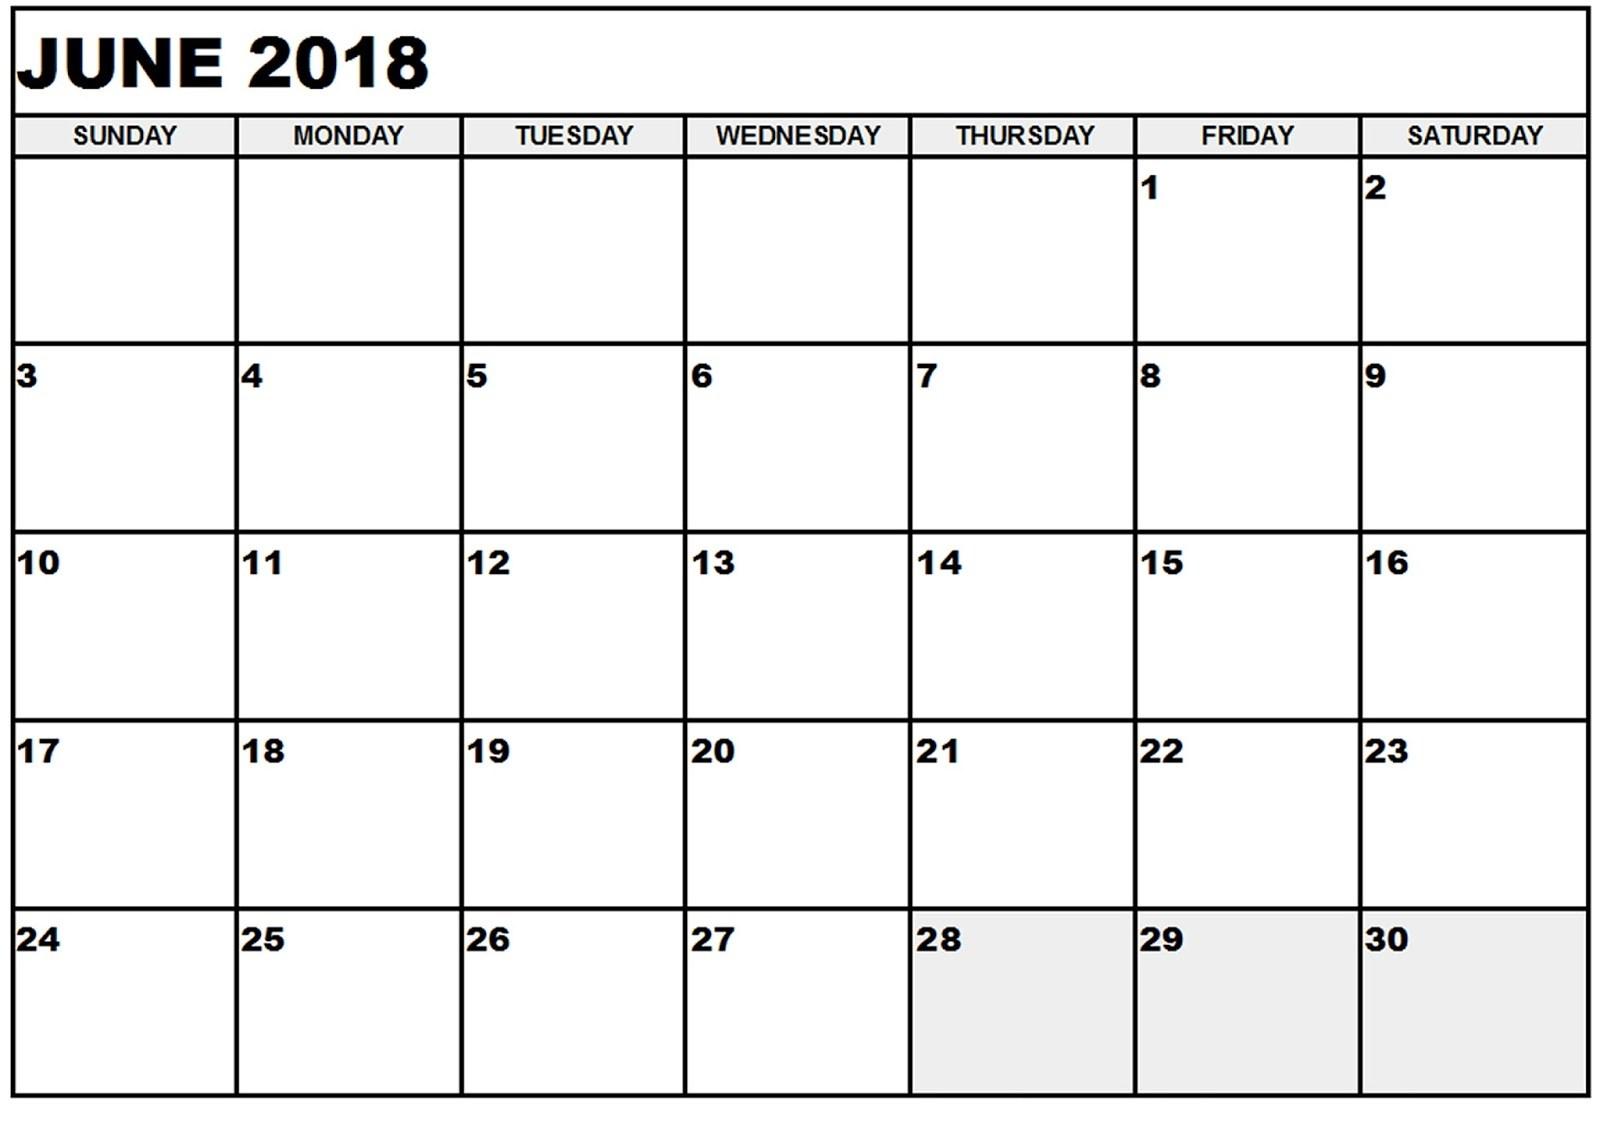 Calendar June 2018 Excel